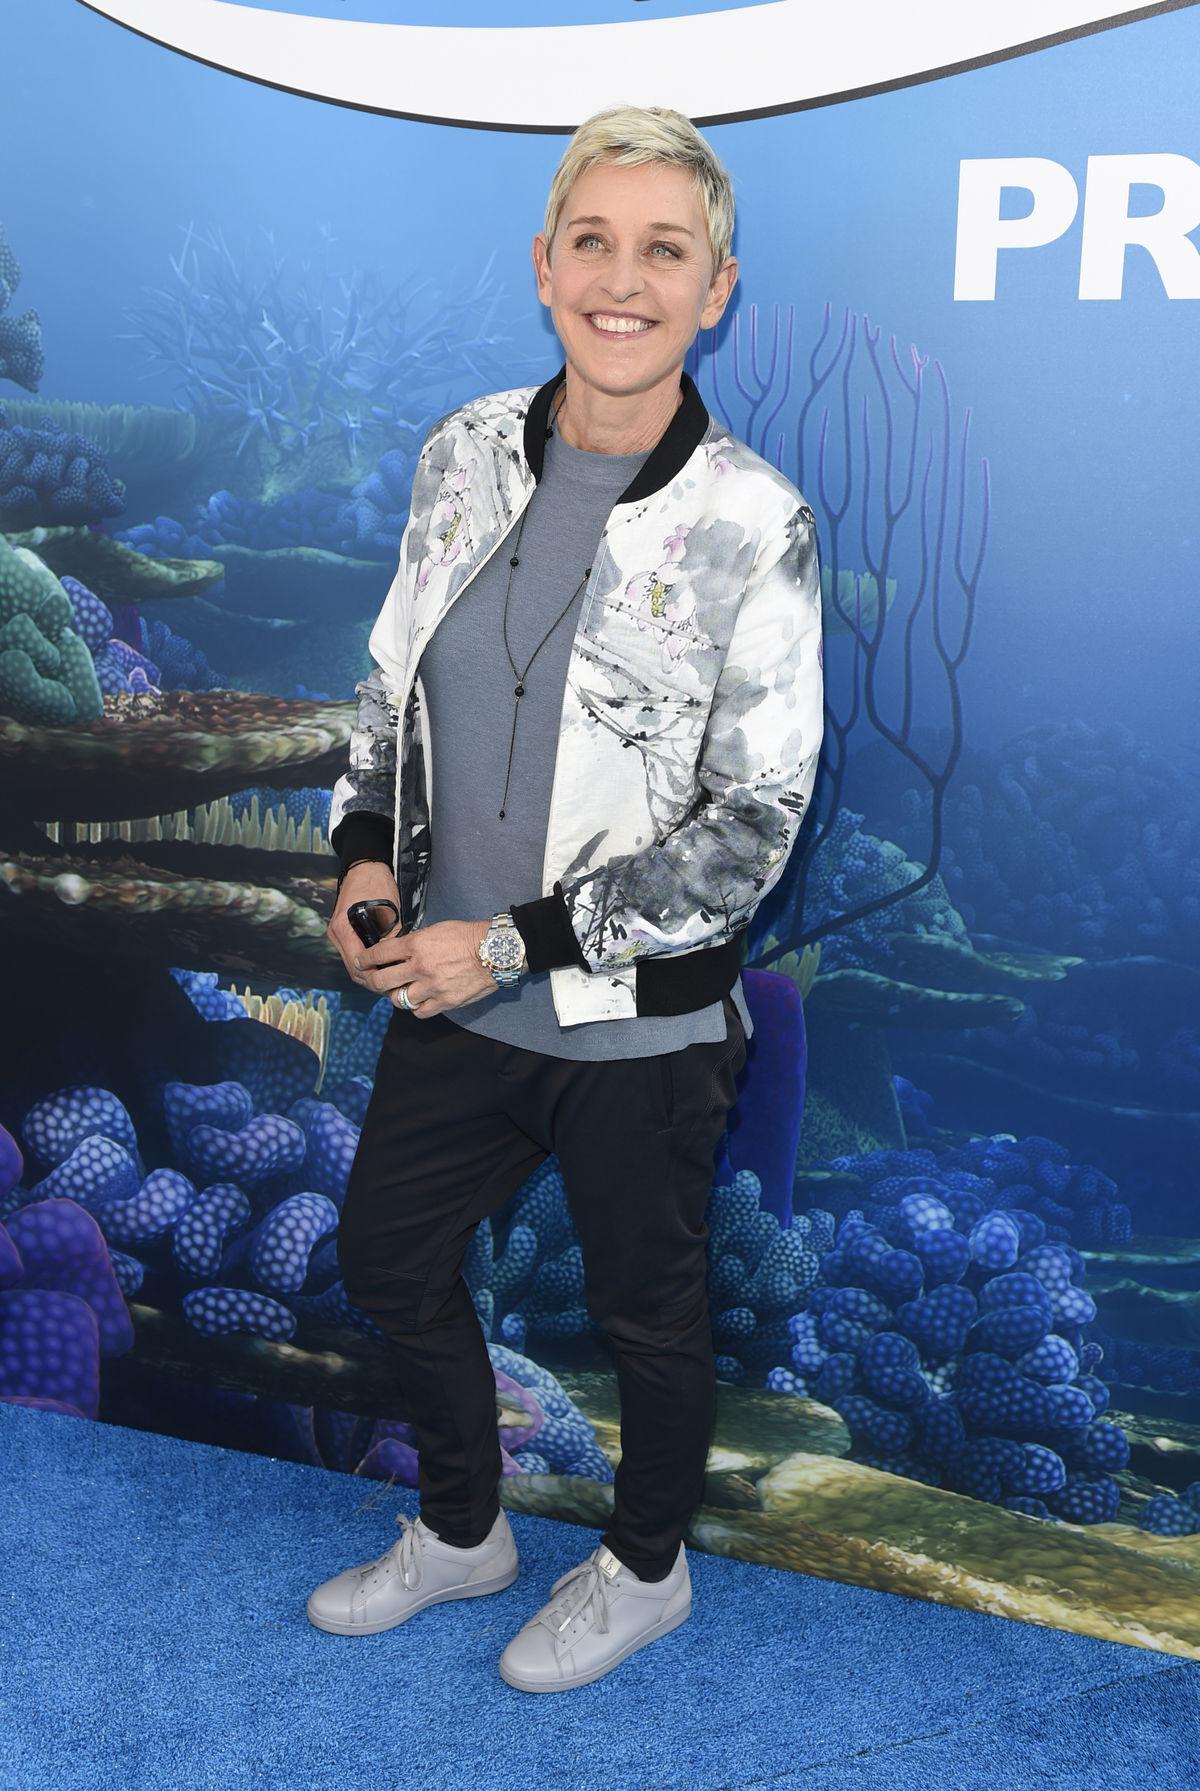 Moderátorka Ellen DeGeneres patrí k najortodoxnejším fanúšičkám tenisiek na červenom koberci. Vyplýva to, samozrejme, z jej osobného štýlu, ktorý je skôr uvoľnený a so športovými prvkami. V sukni ju nebolo vidieť asi už pekných pár desaťročí. Ak teda náhodou nešlo o nejaký kostým v jej talk-šou